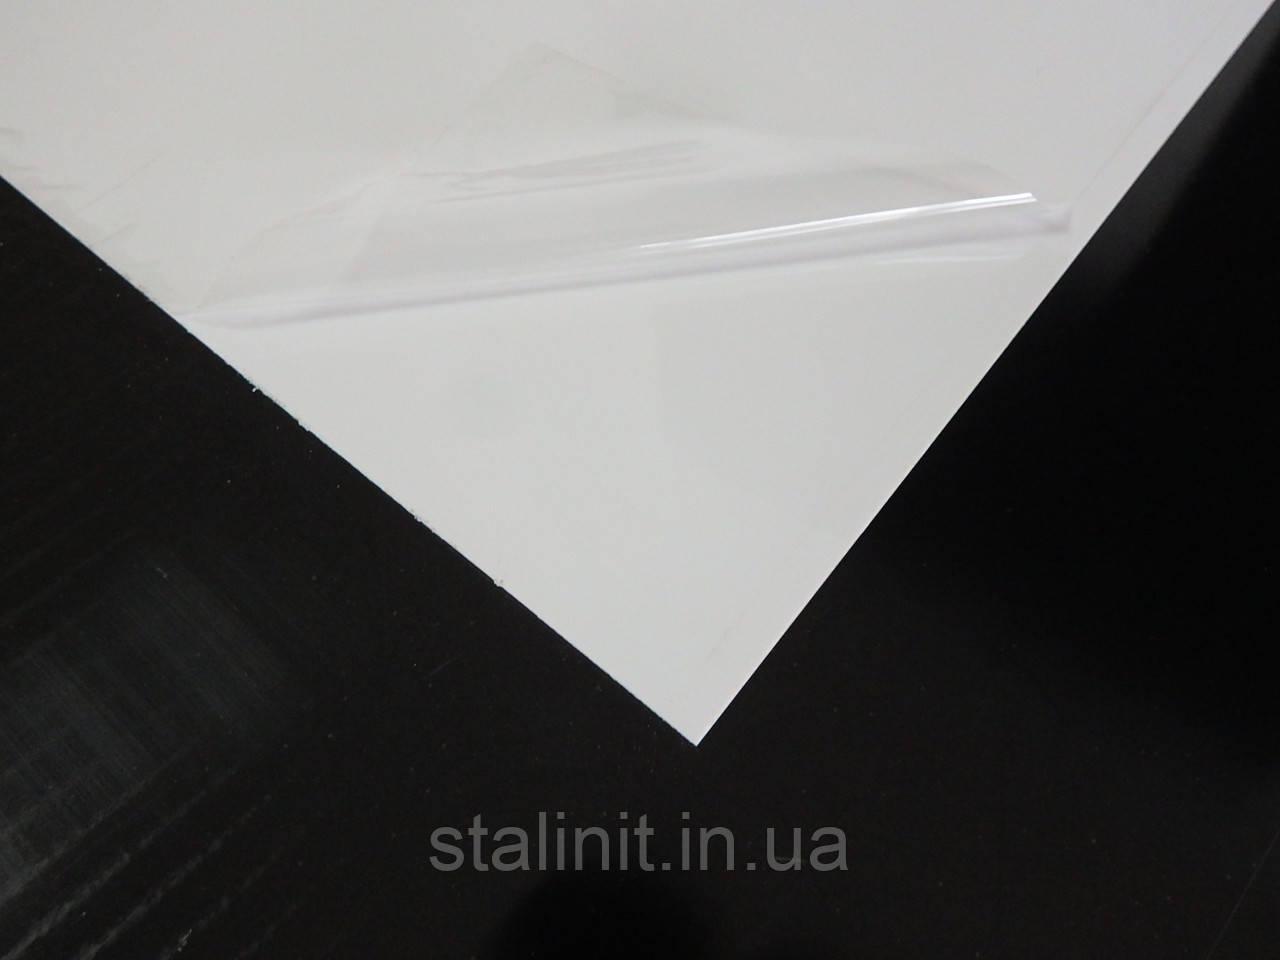 Ударопрочный полистирол HIPS d=1 mm